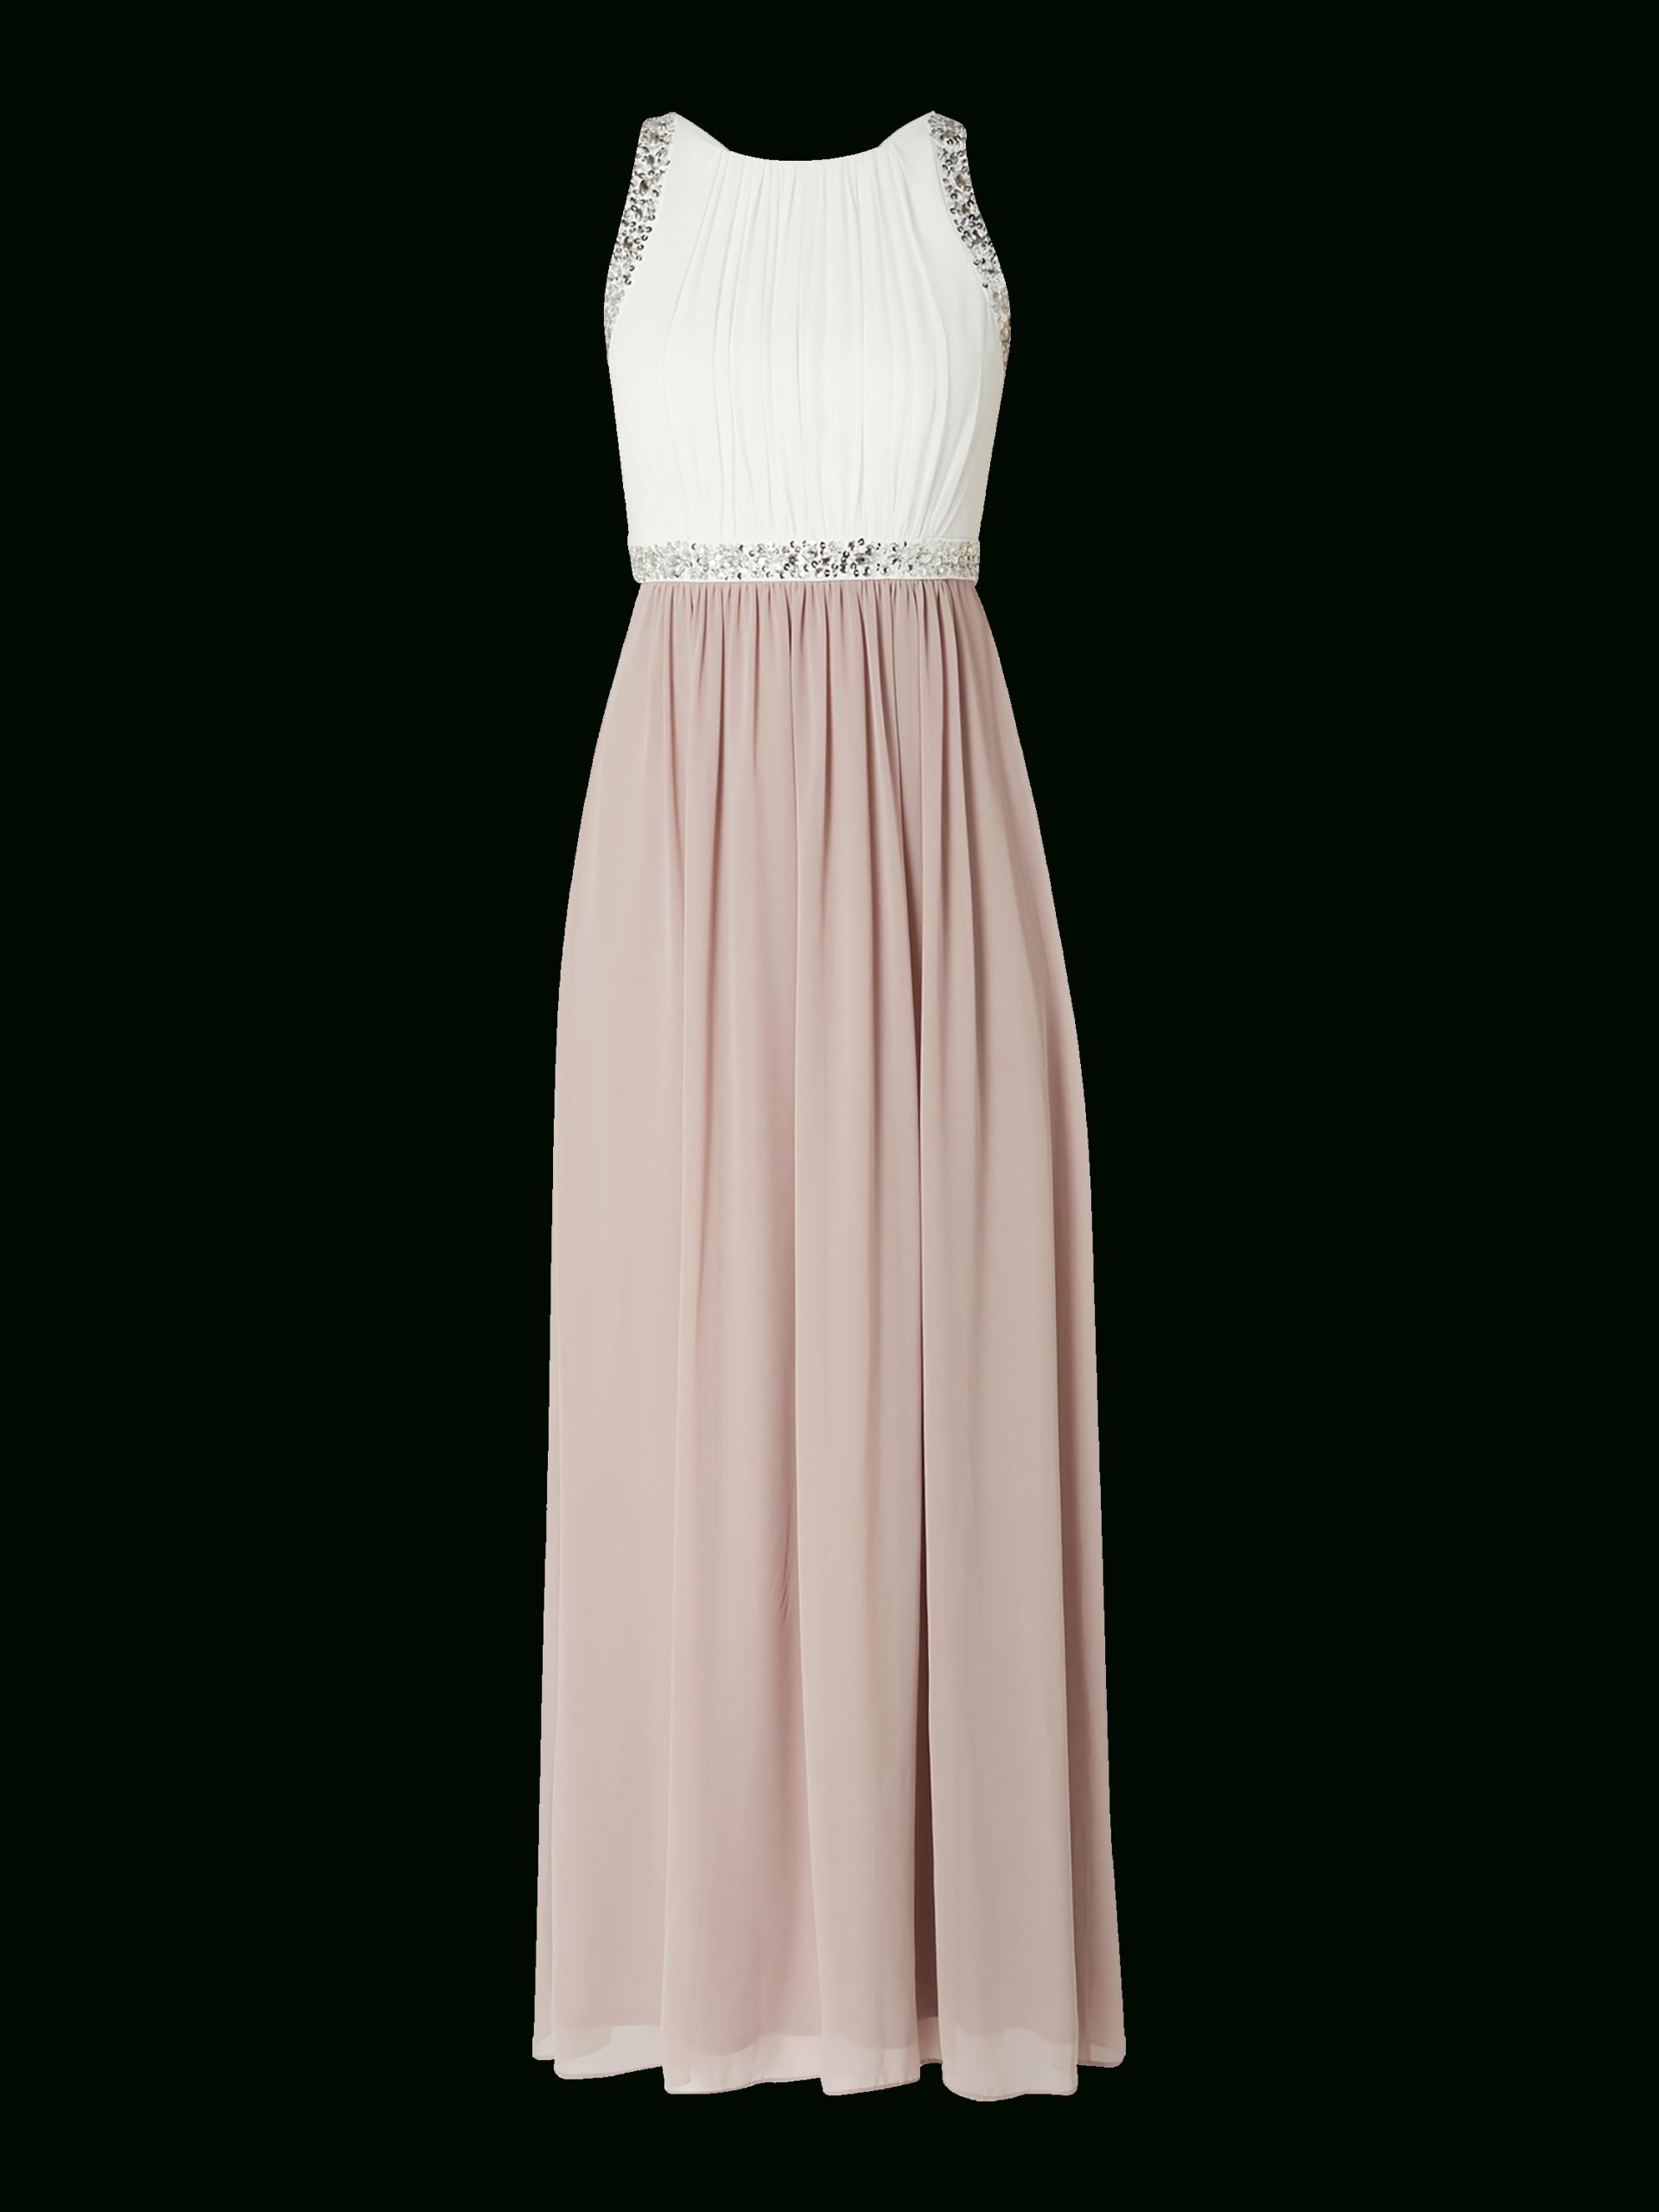 17 Elegant Abendkleid Peek Und Cloppenburg Bester Preis13 Luxus Abendkleid Peek Und Cloppenburg Design